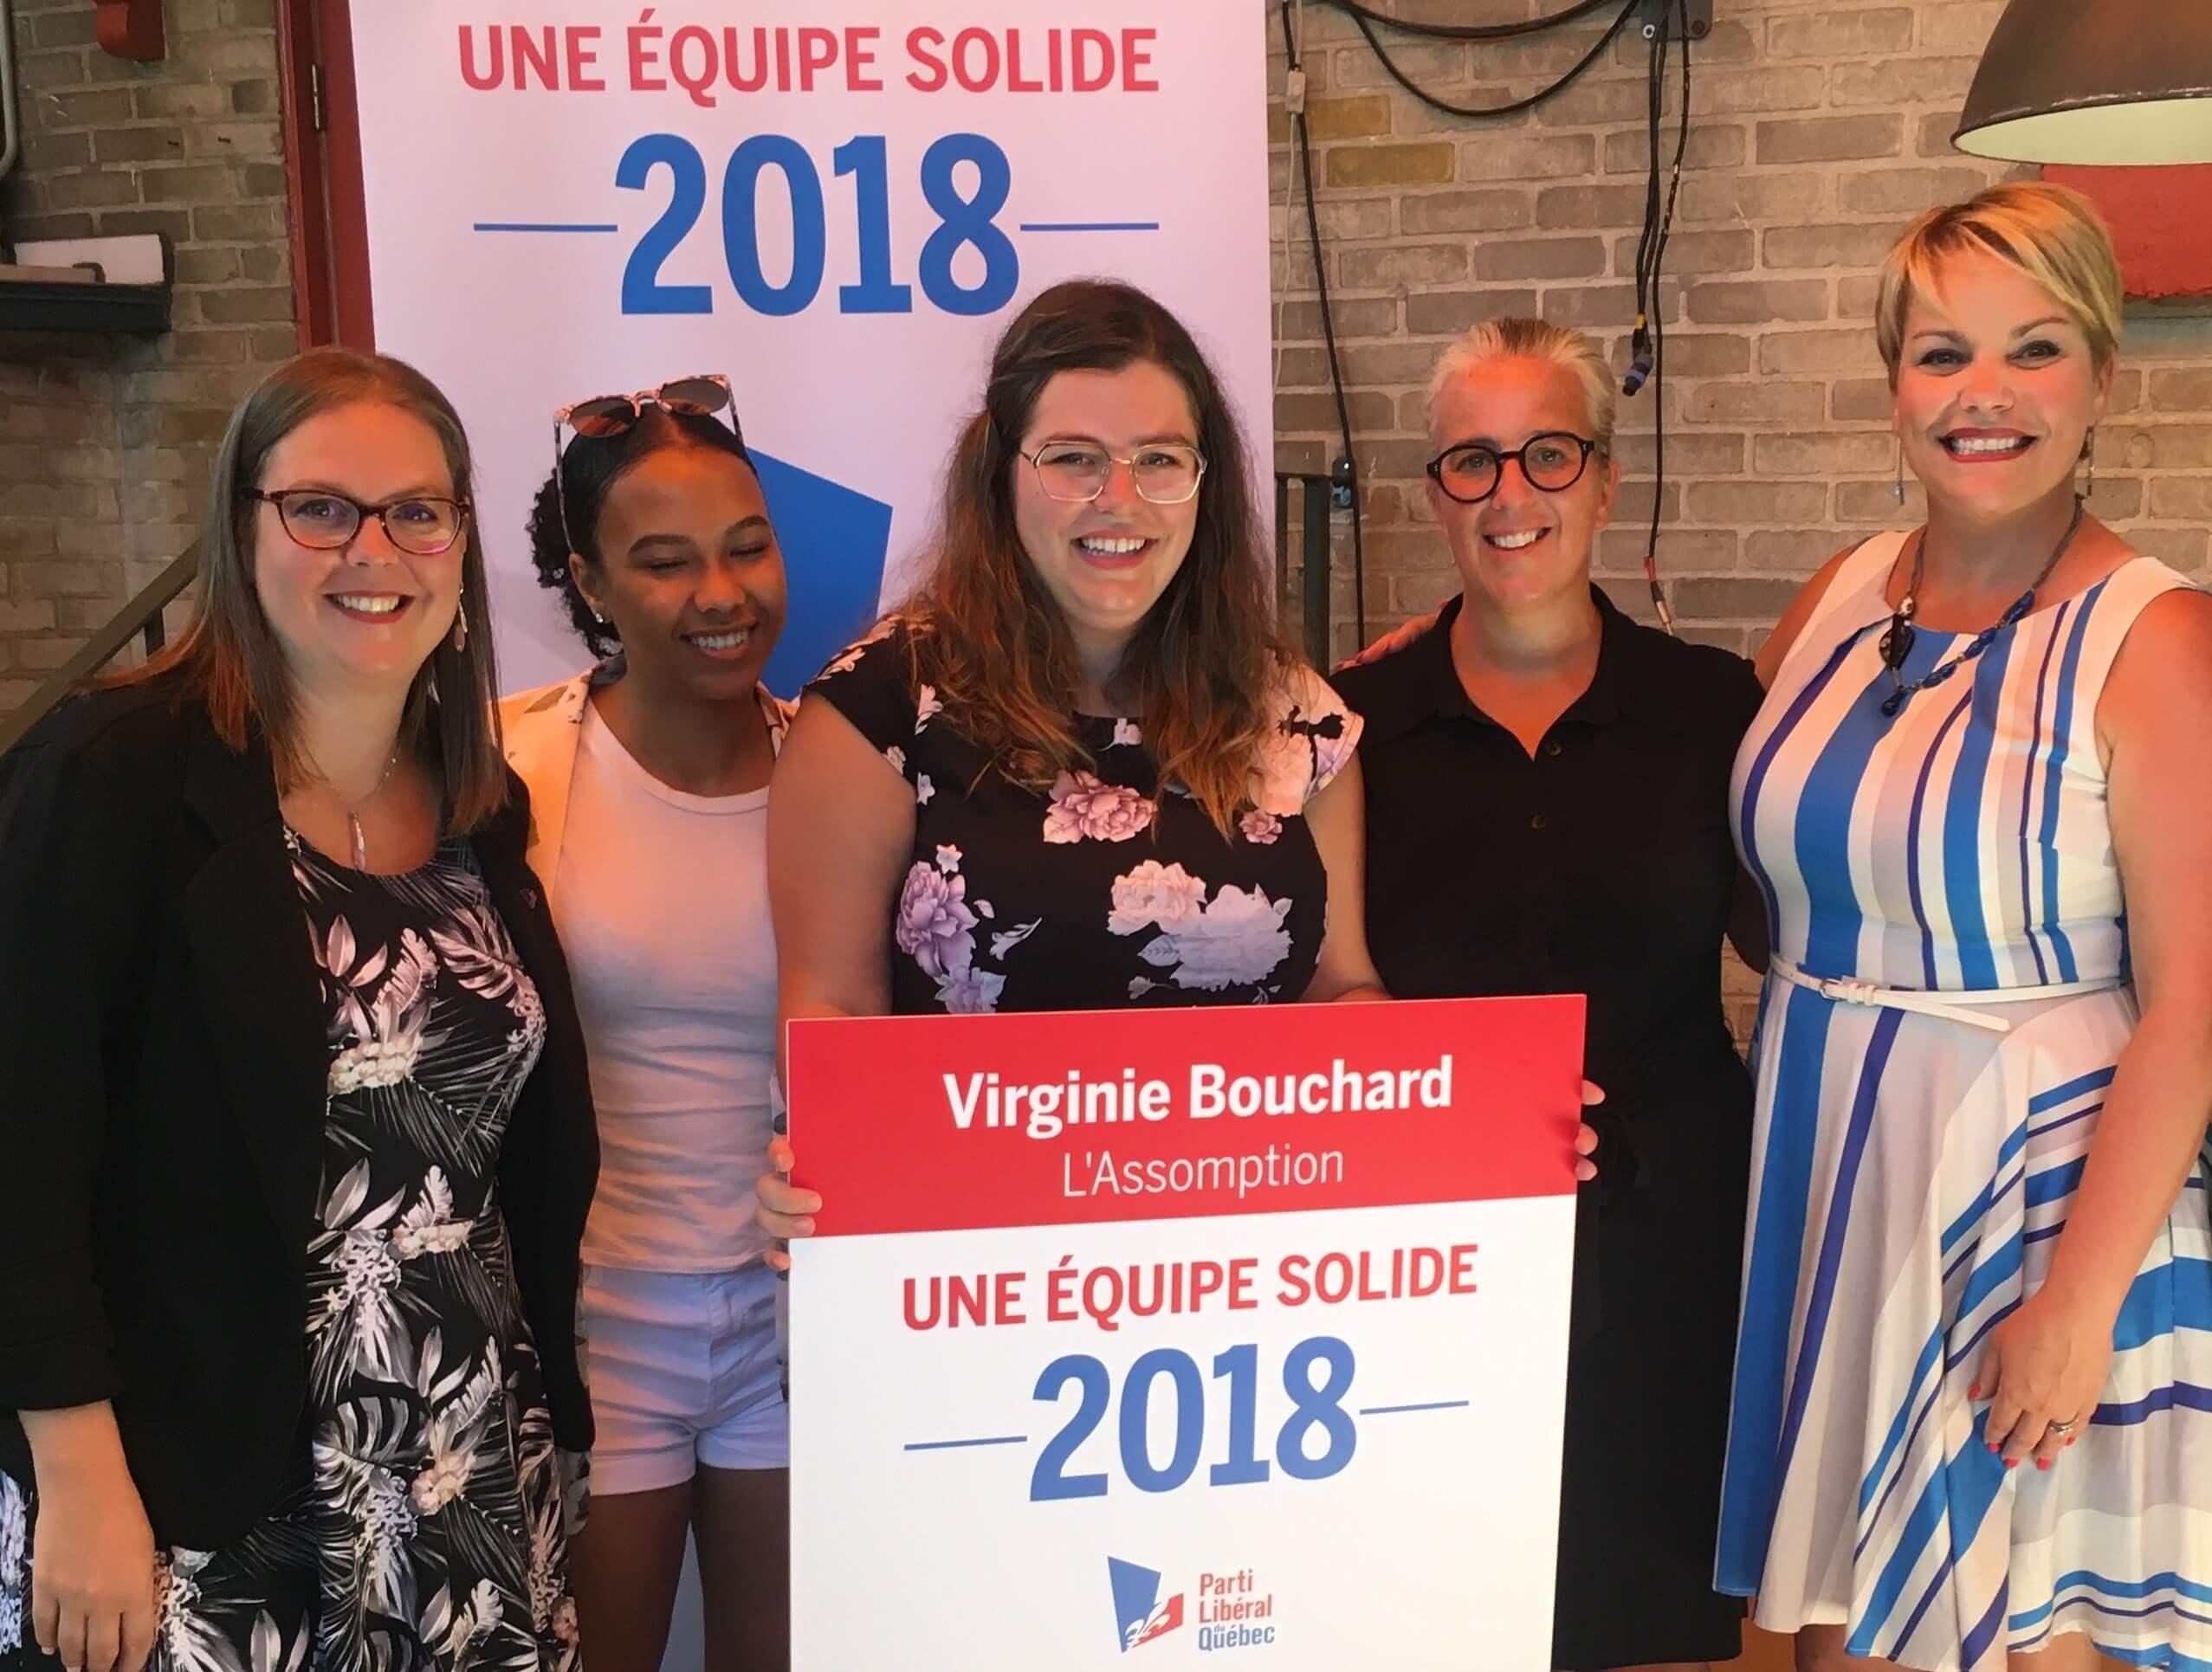 Virginie Bouchard